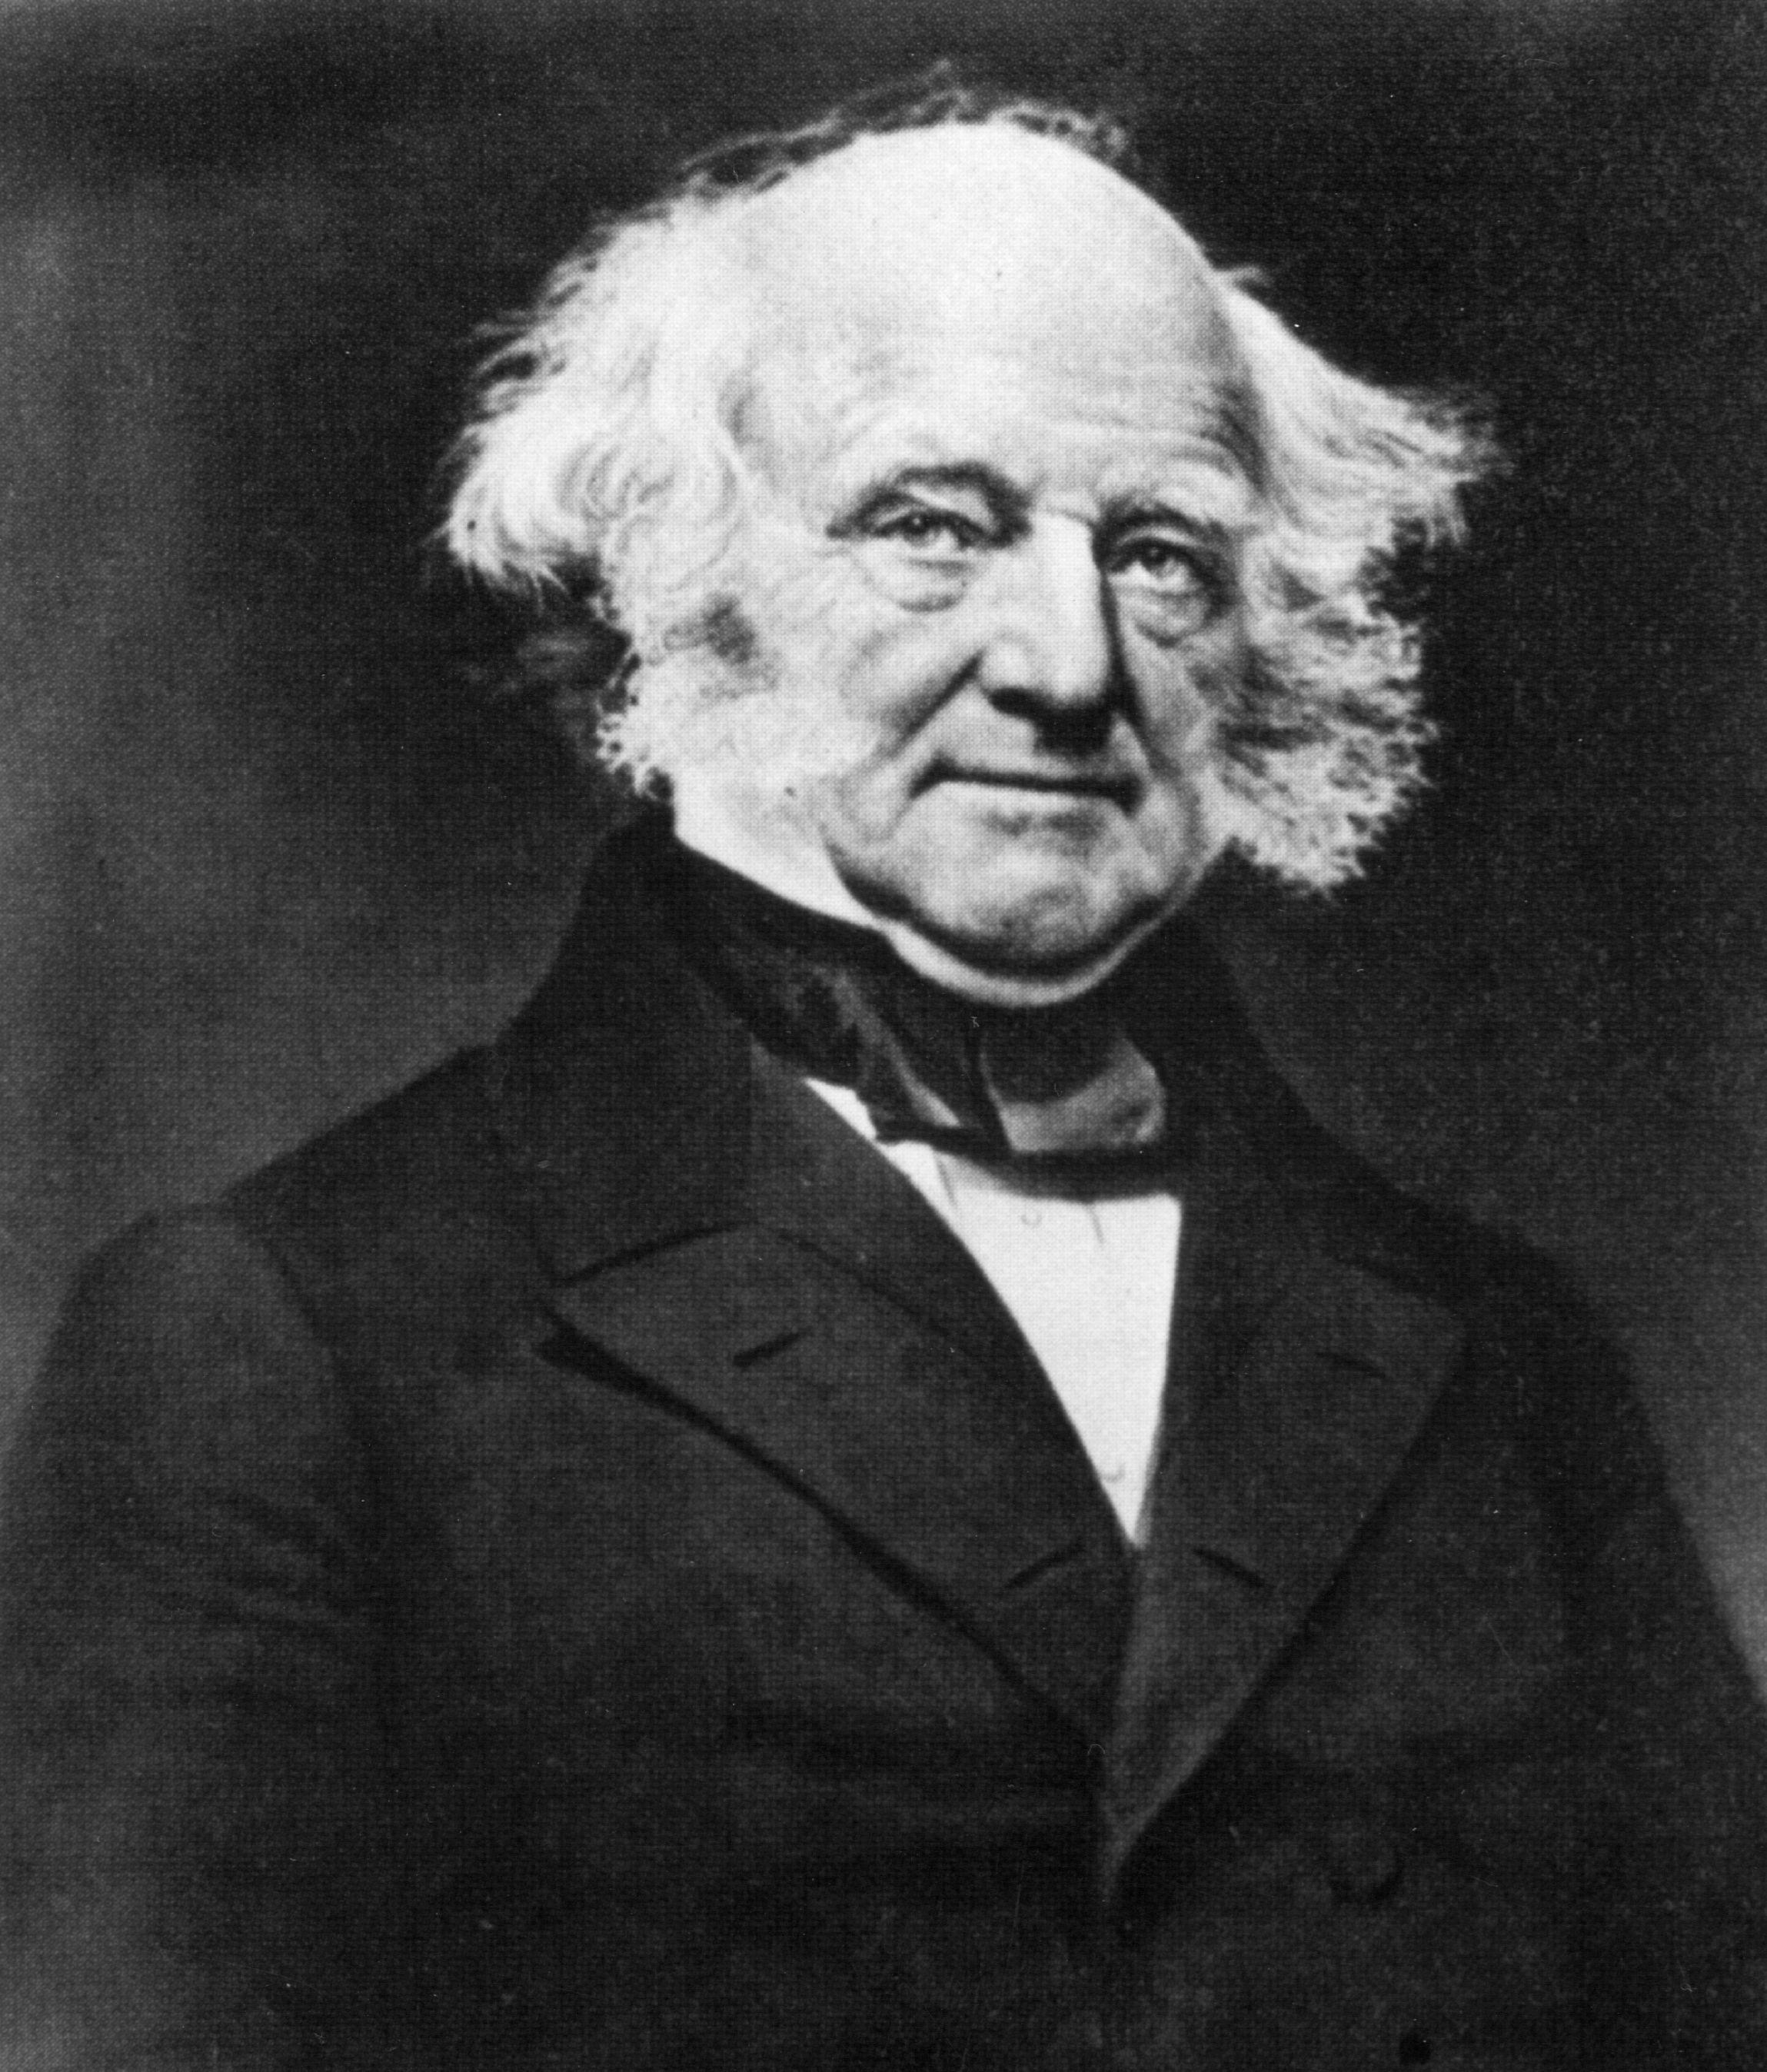 Martin Van Buren Biography And Presidency